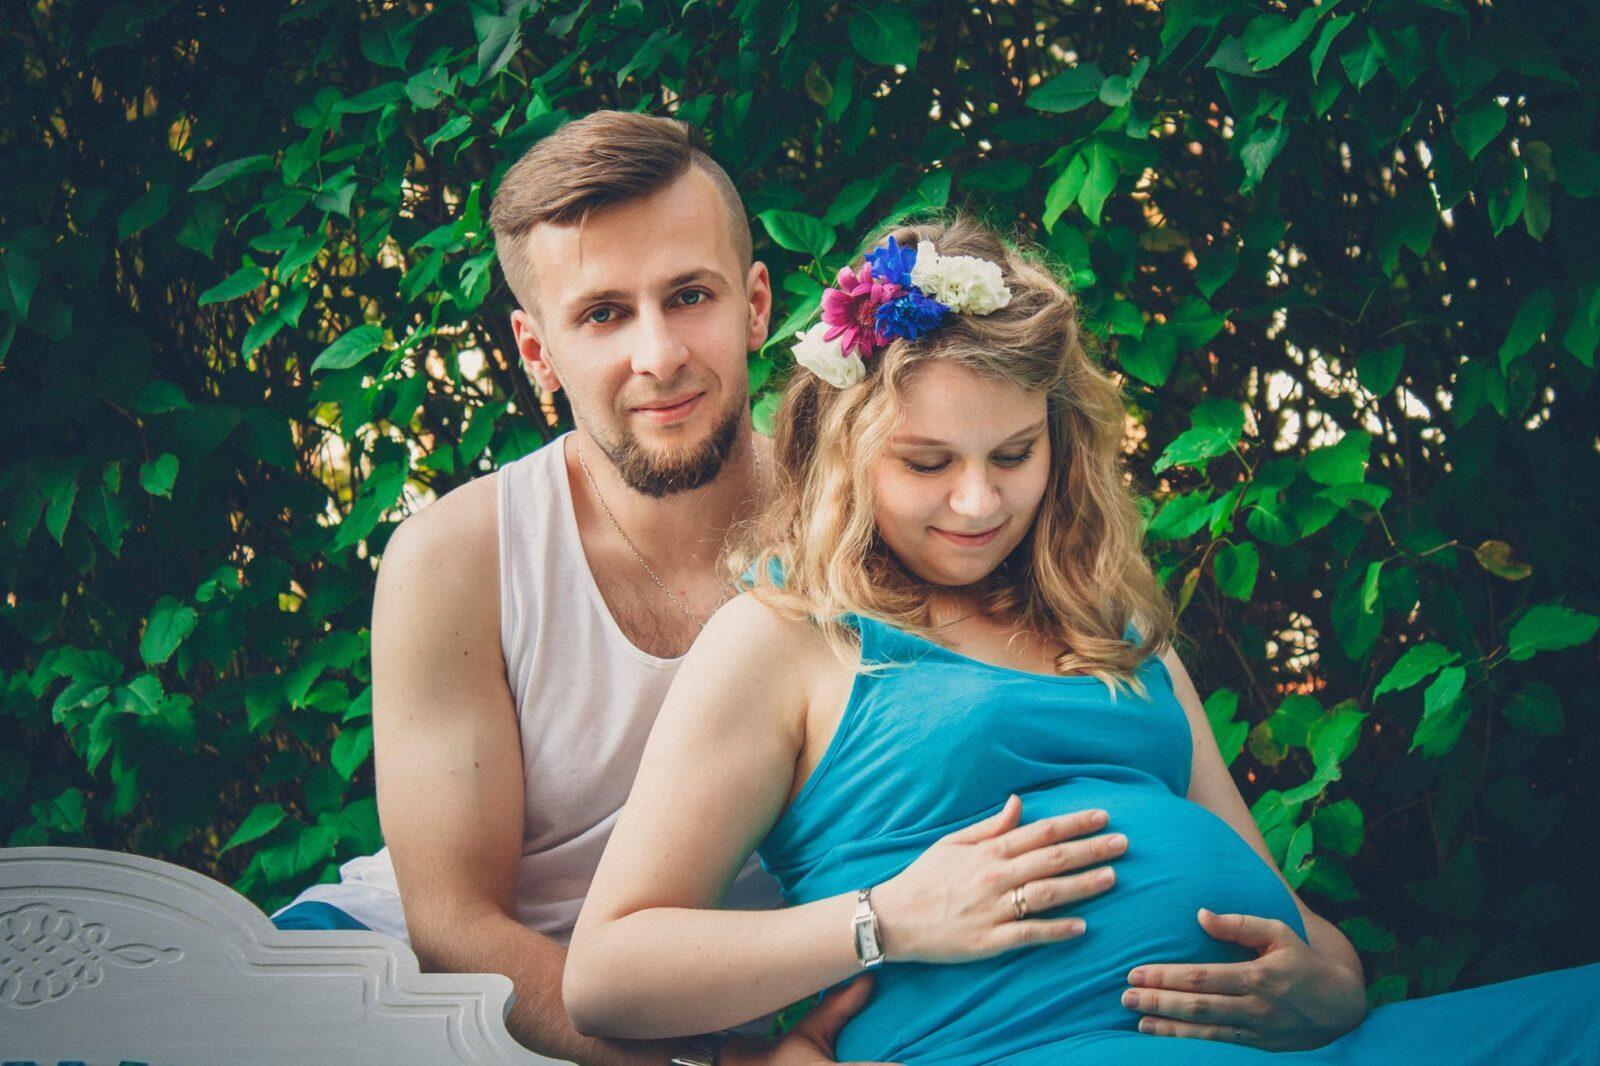 malzenstwo ciaza para sesja brzuszkowa milosc rodzice